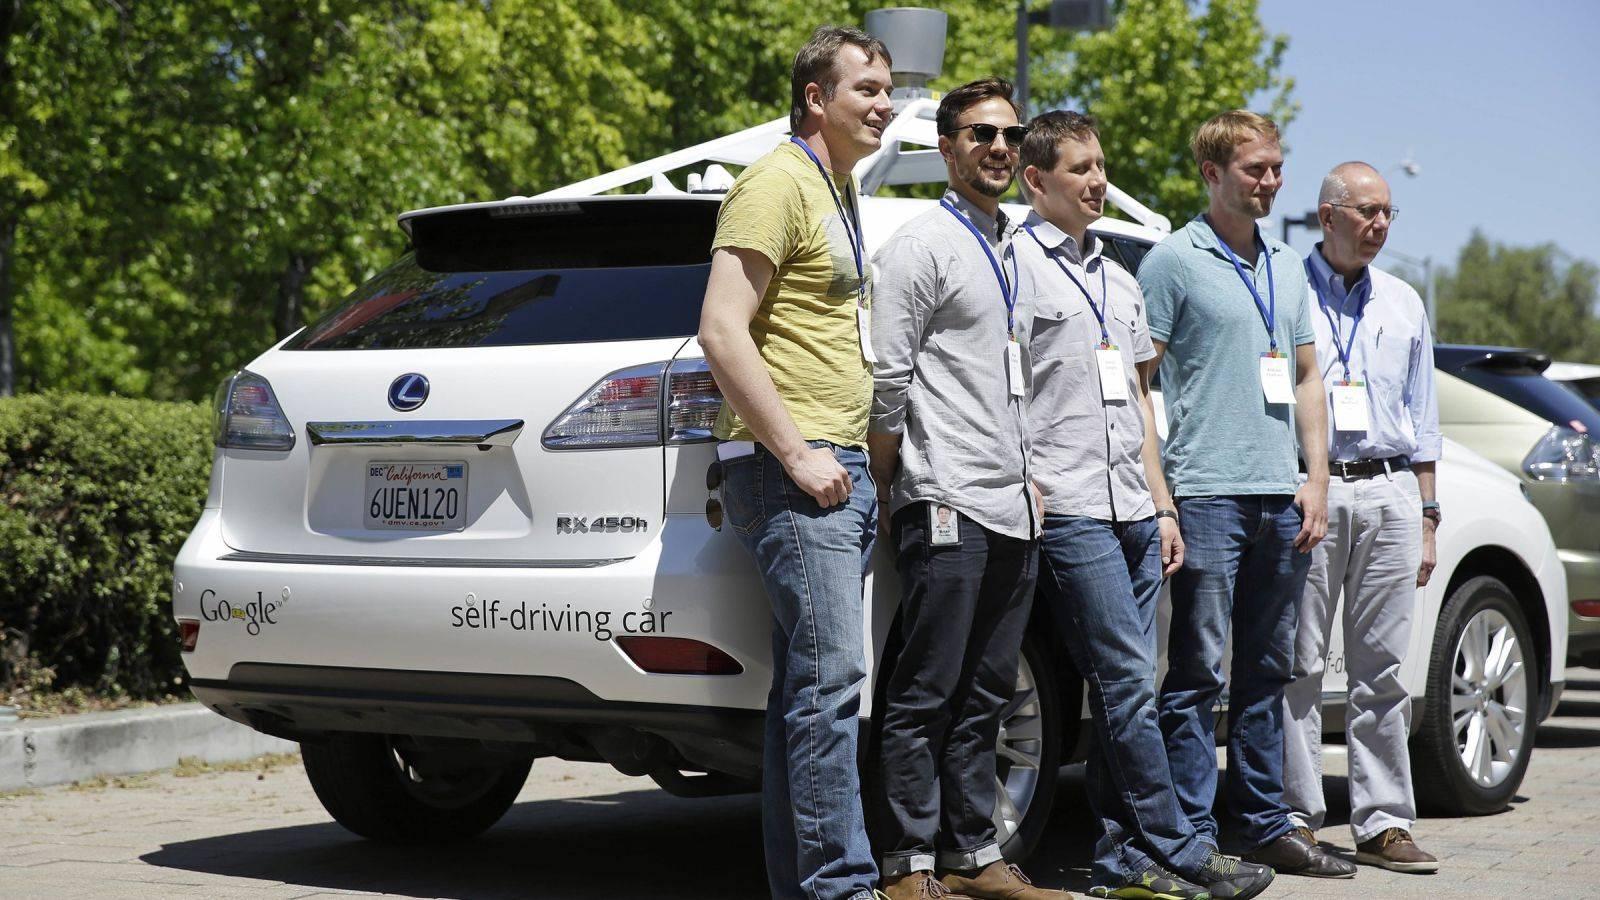 Google 终于把无人车业务分拆,但可能已经太晚了